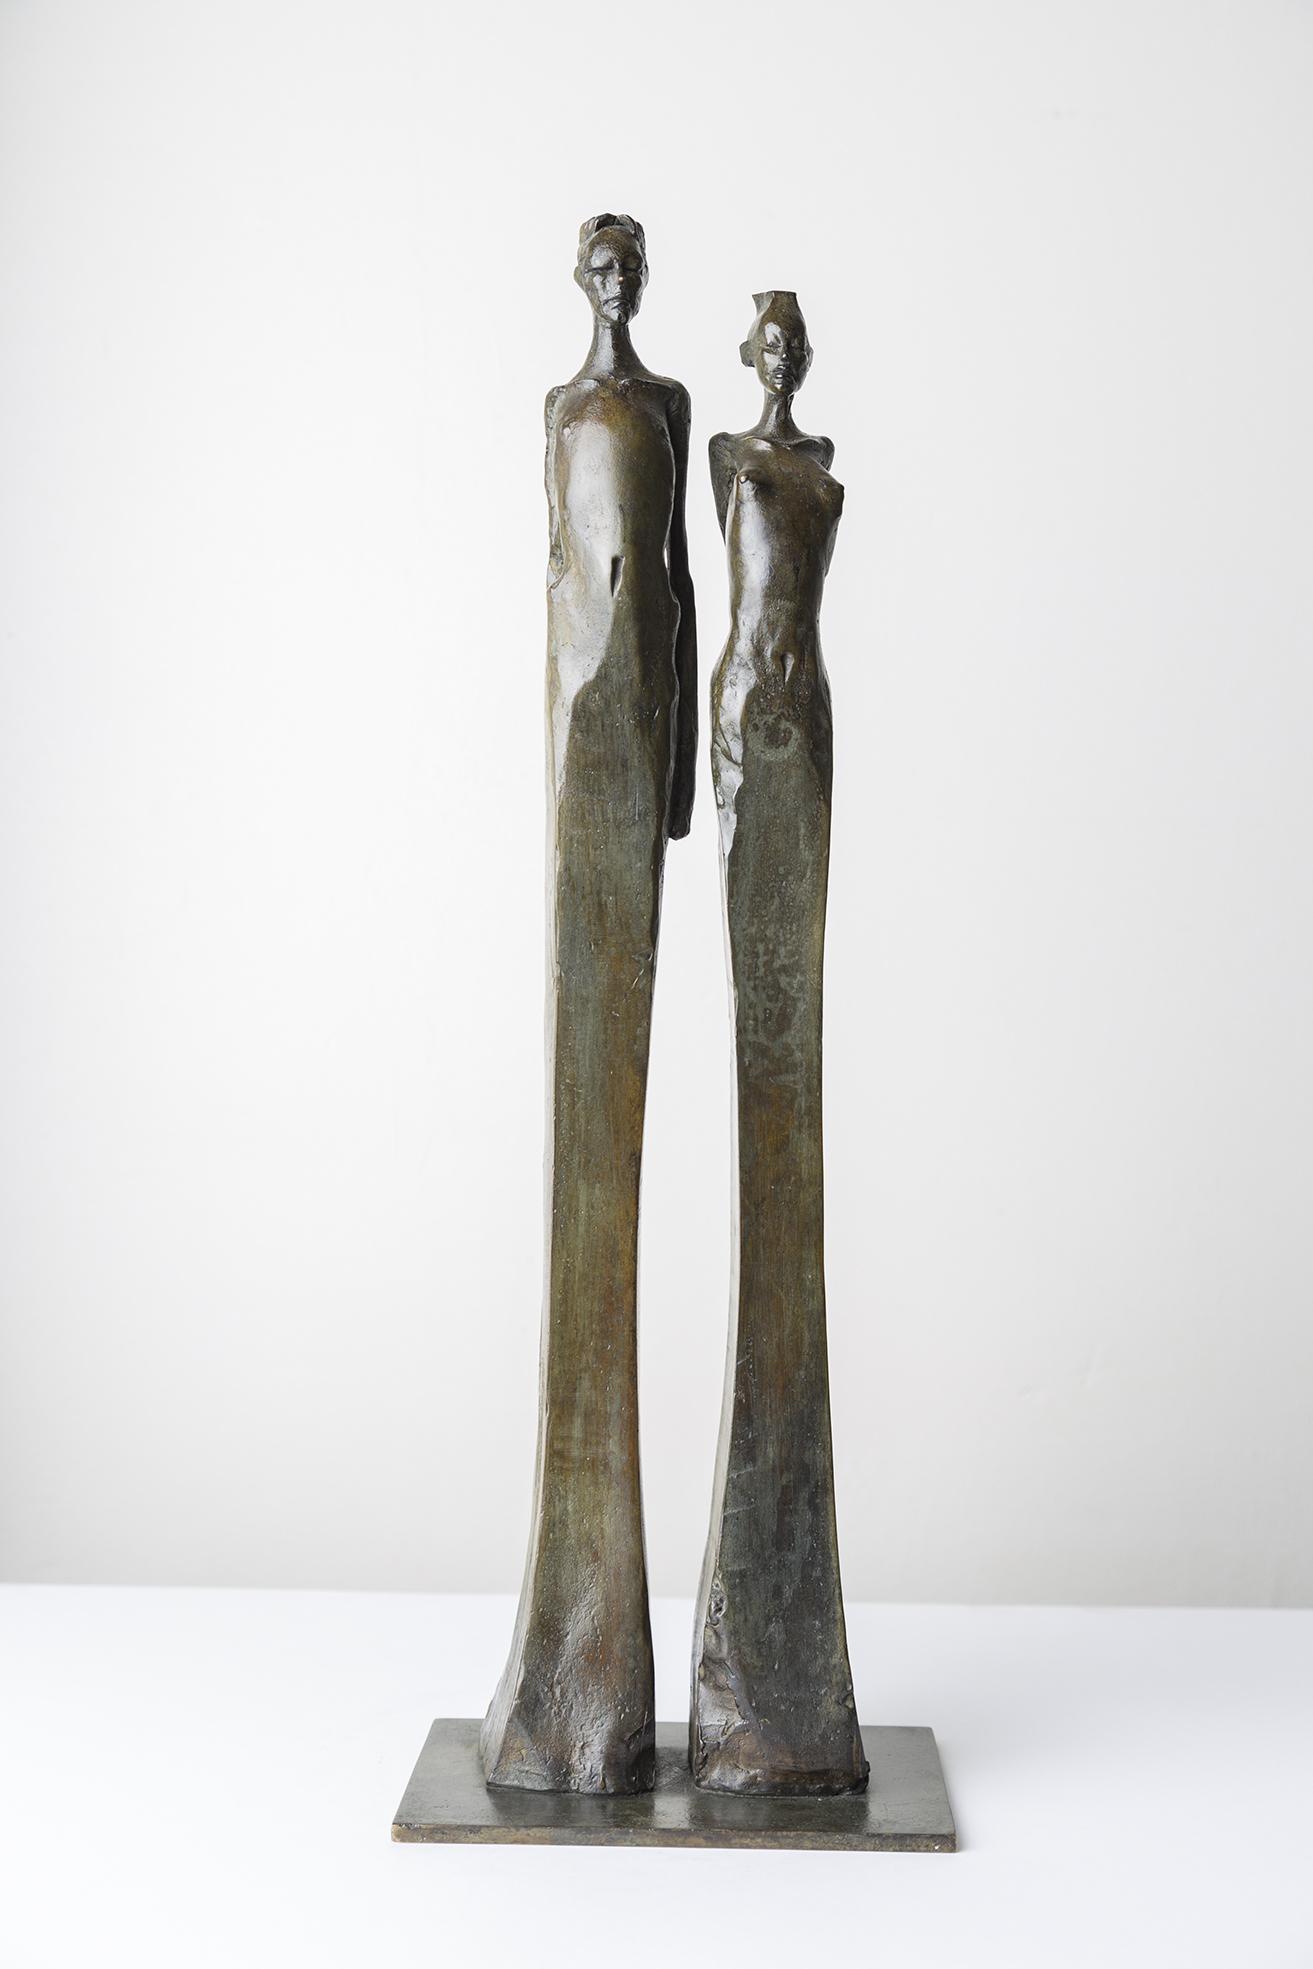 Avenir | 50 cm | 2002